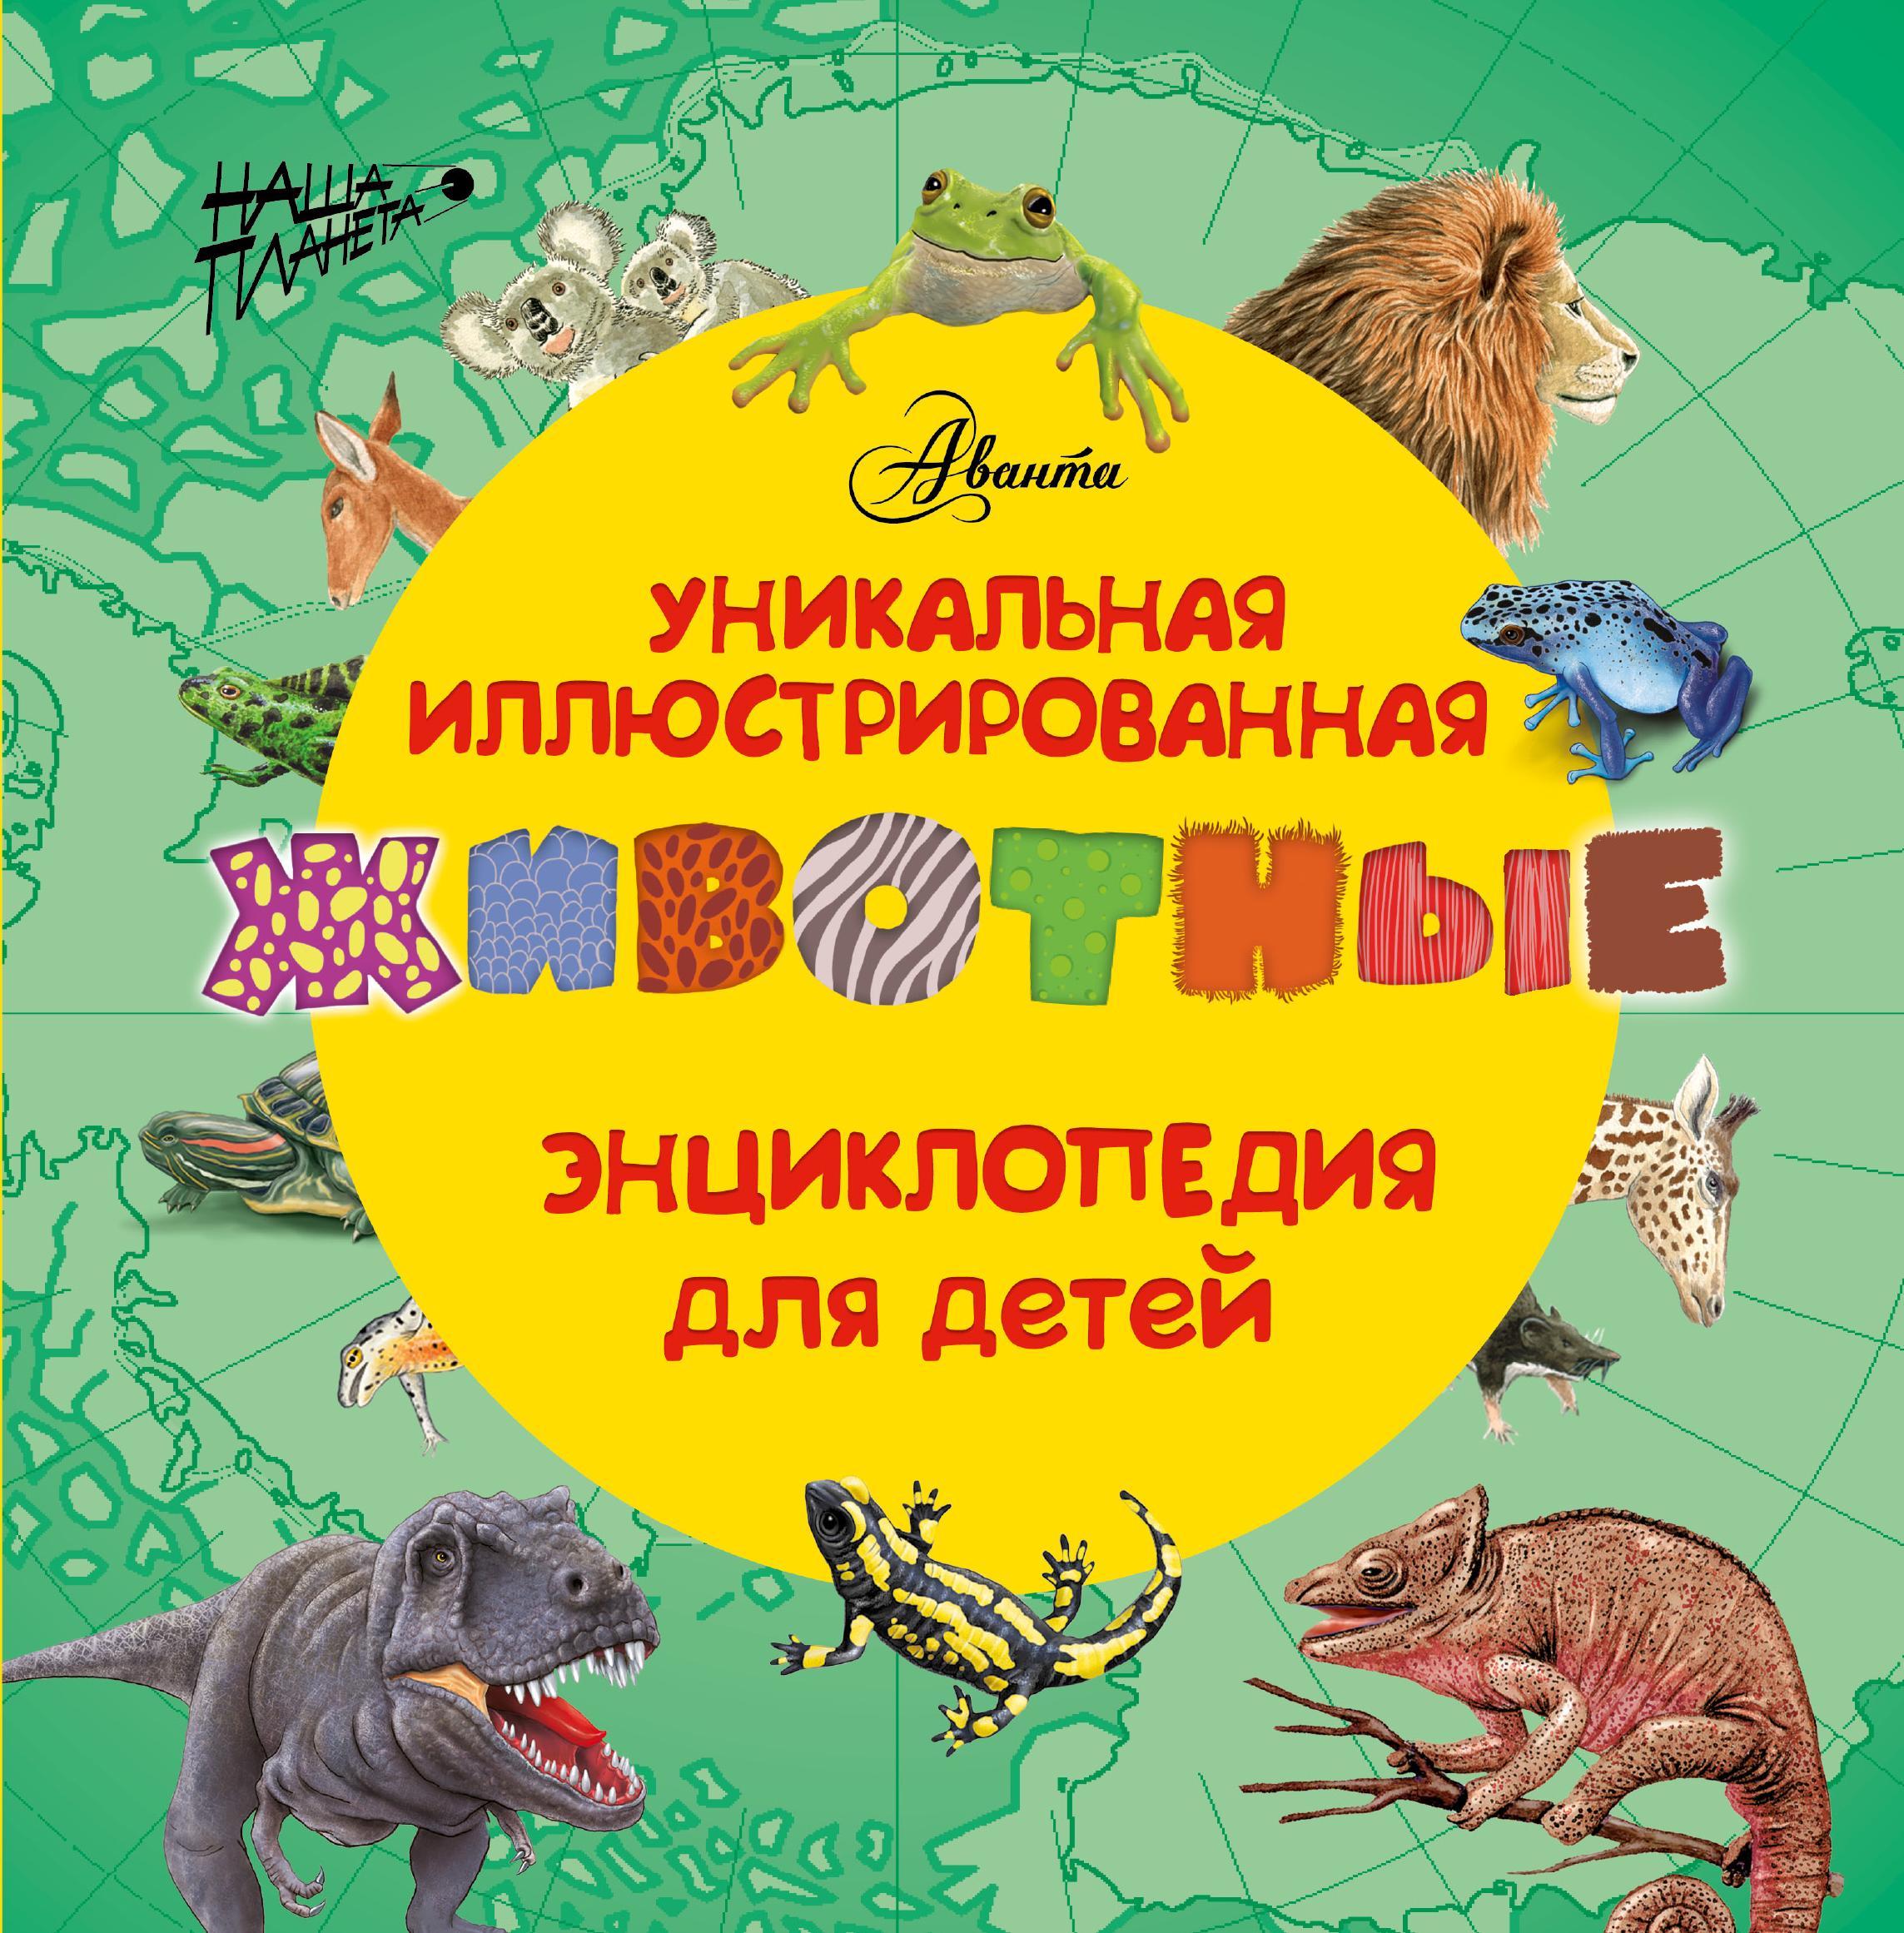 . Животные. Уникальная иллюстрированная энциклопедия для детей андрей шкляев собаки подарочная иллюстрированная энциклопедия